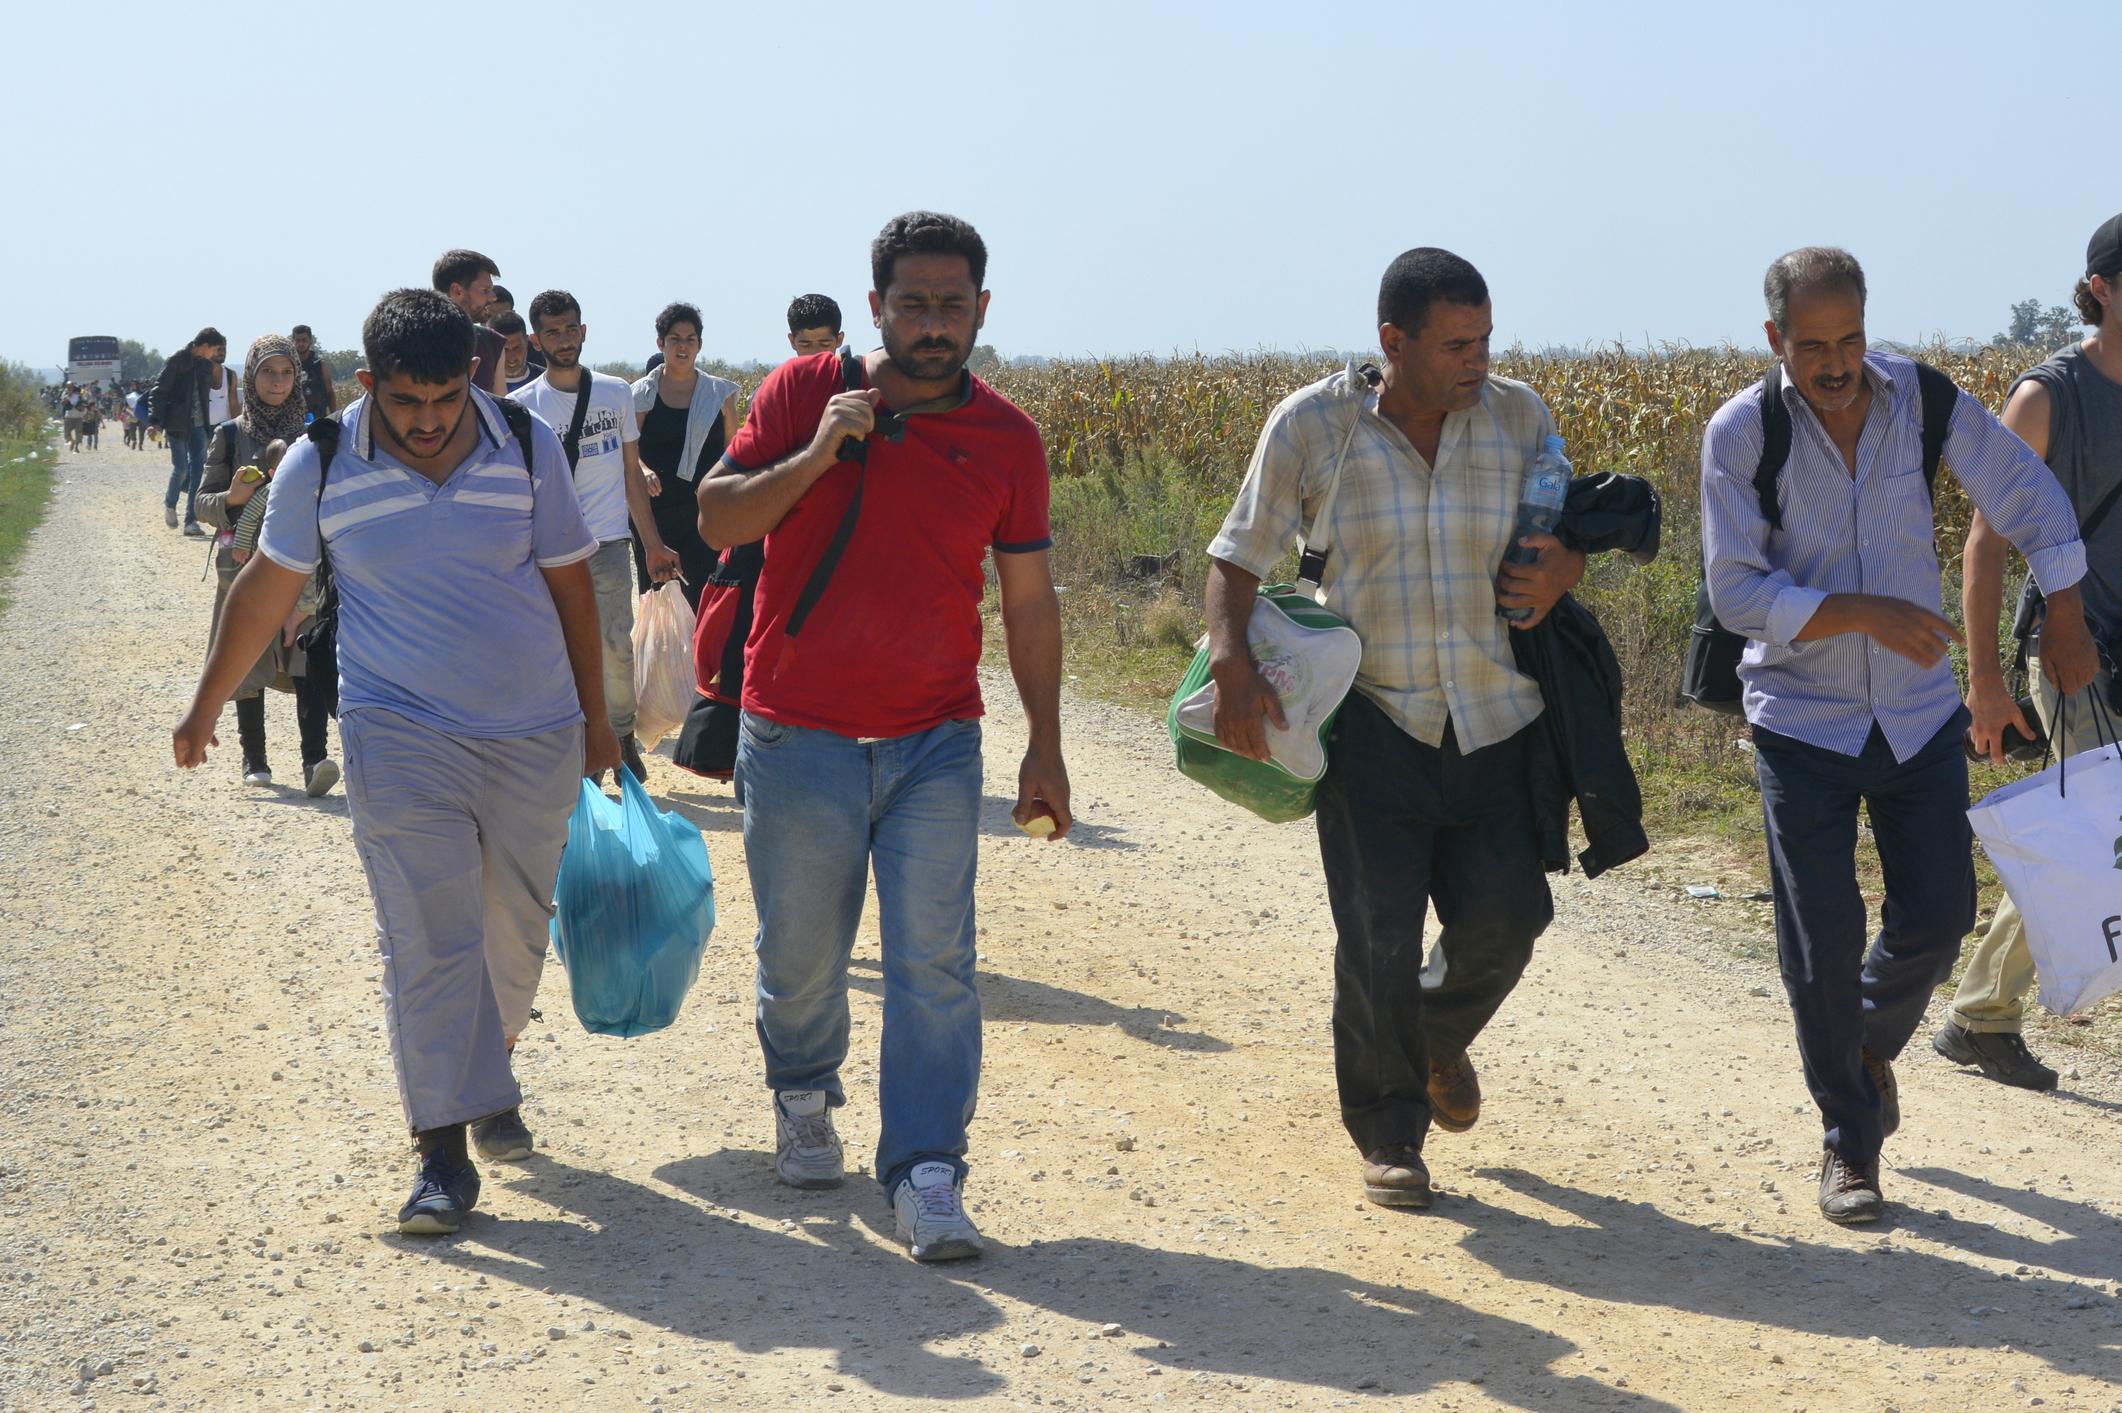 صورة لم يجدوا مأوى ولا طعاماً لأيام.. امرأة بريطانية تساعد لاجئين سوريين بإسبانيا رحّلتهم المملكة المتحدة قسراً